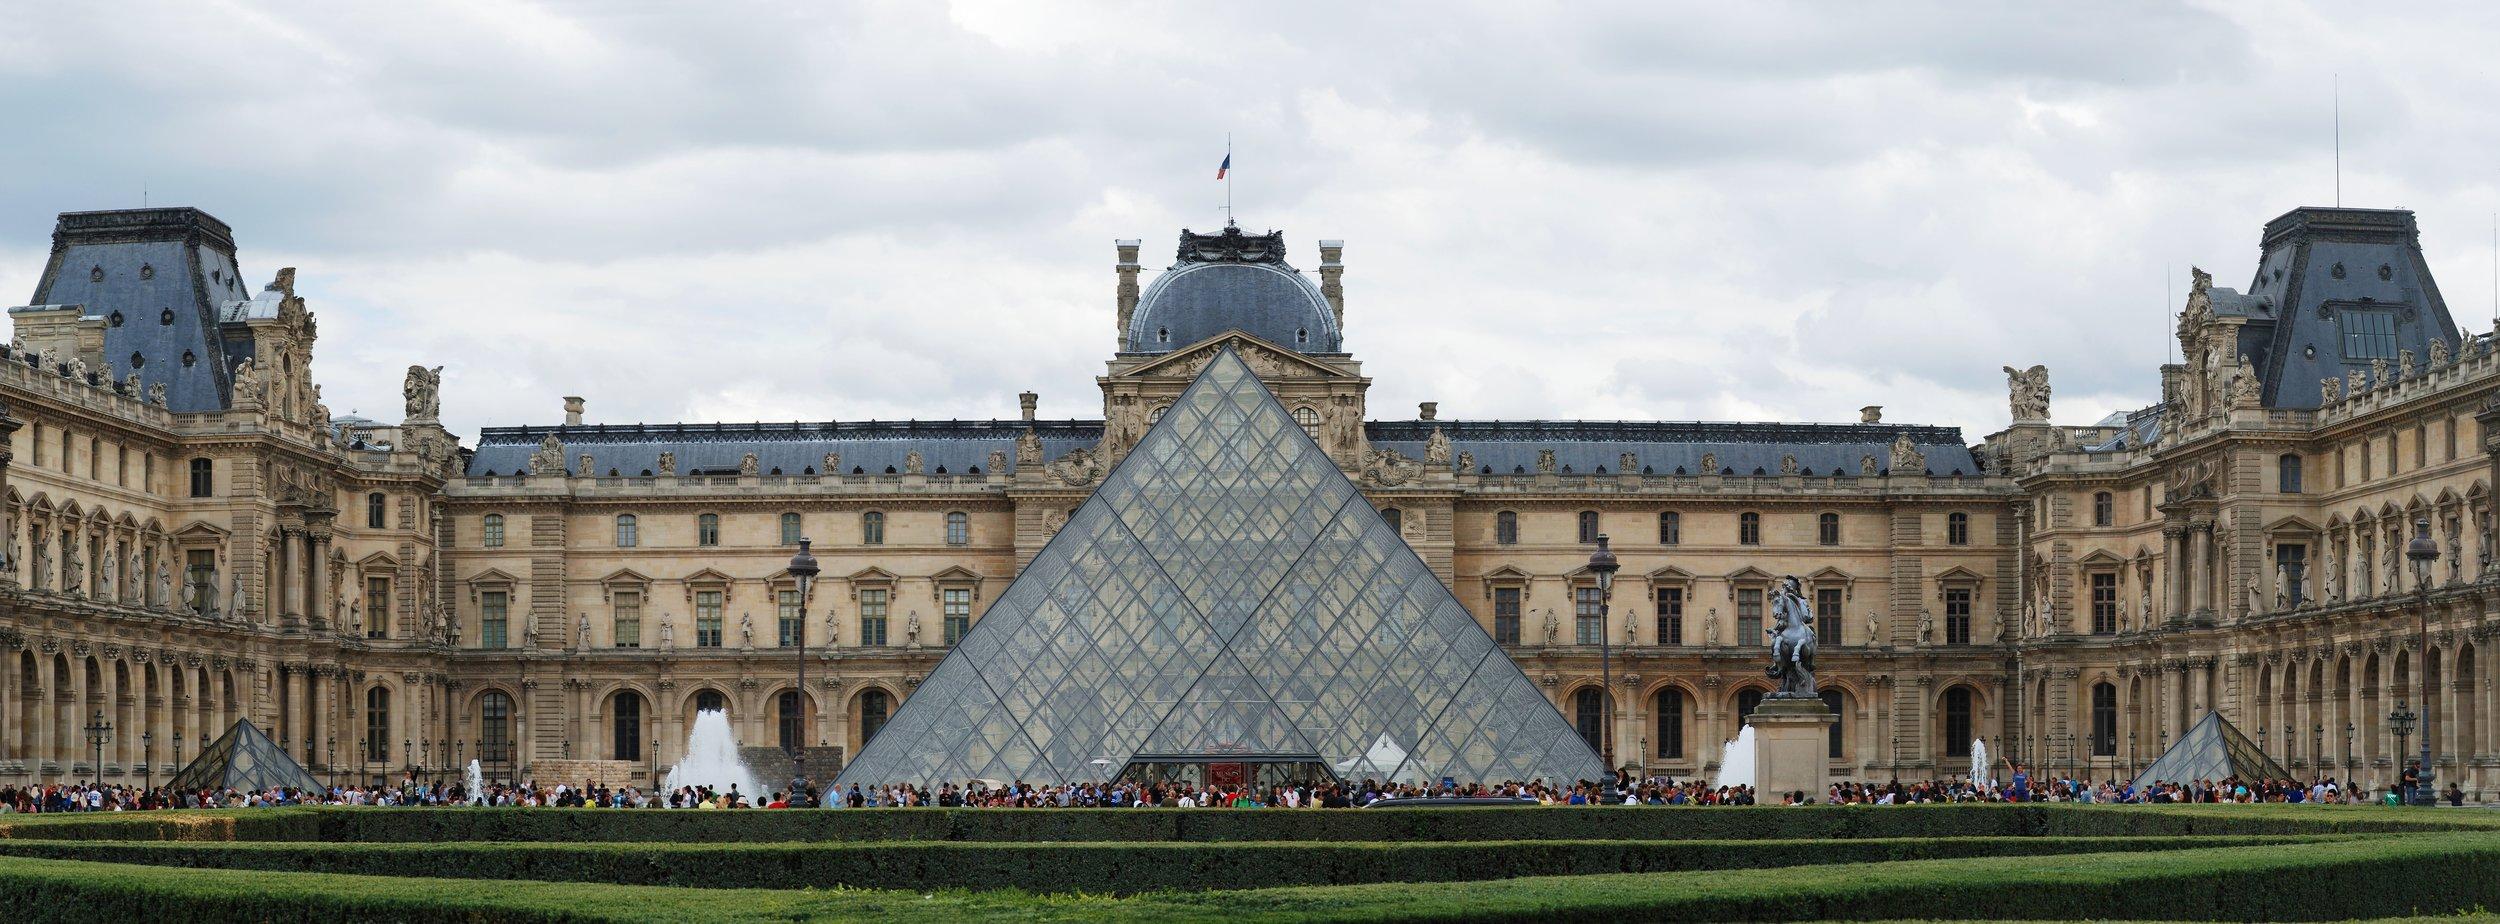 Louvre Courtyard. Joaquim Alves Gaspar. CC BY-SA 3.0